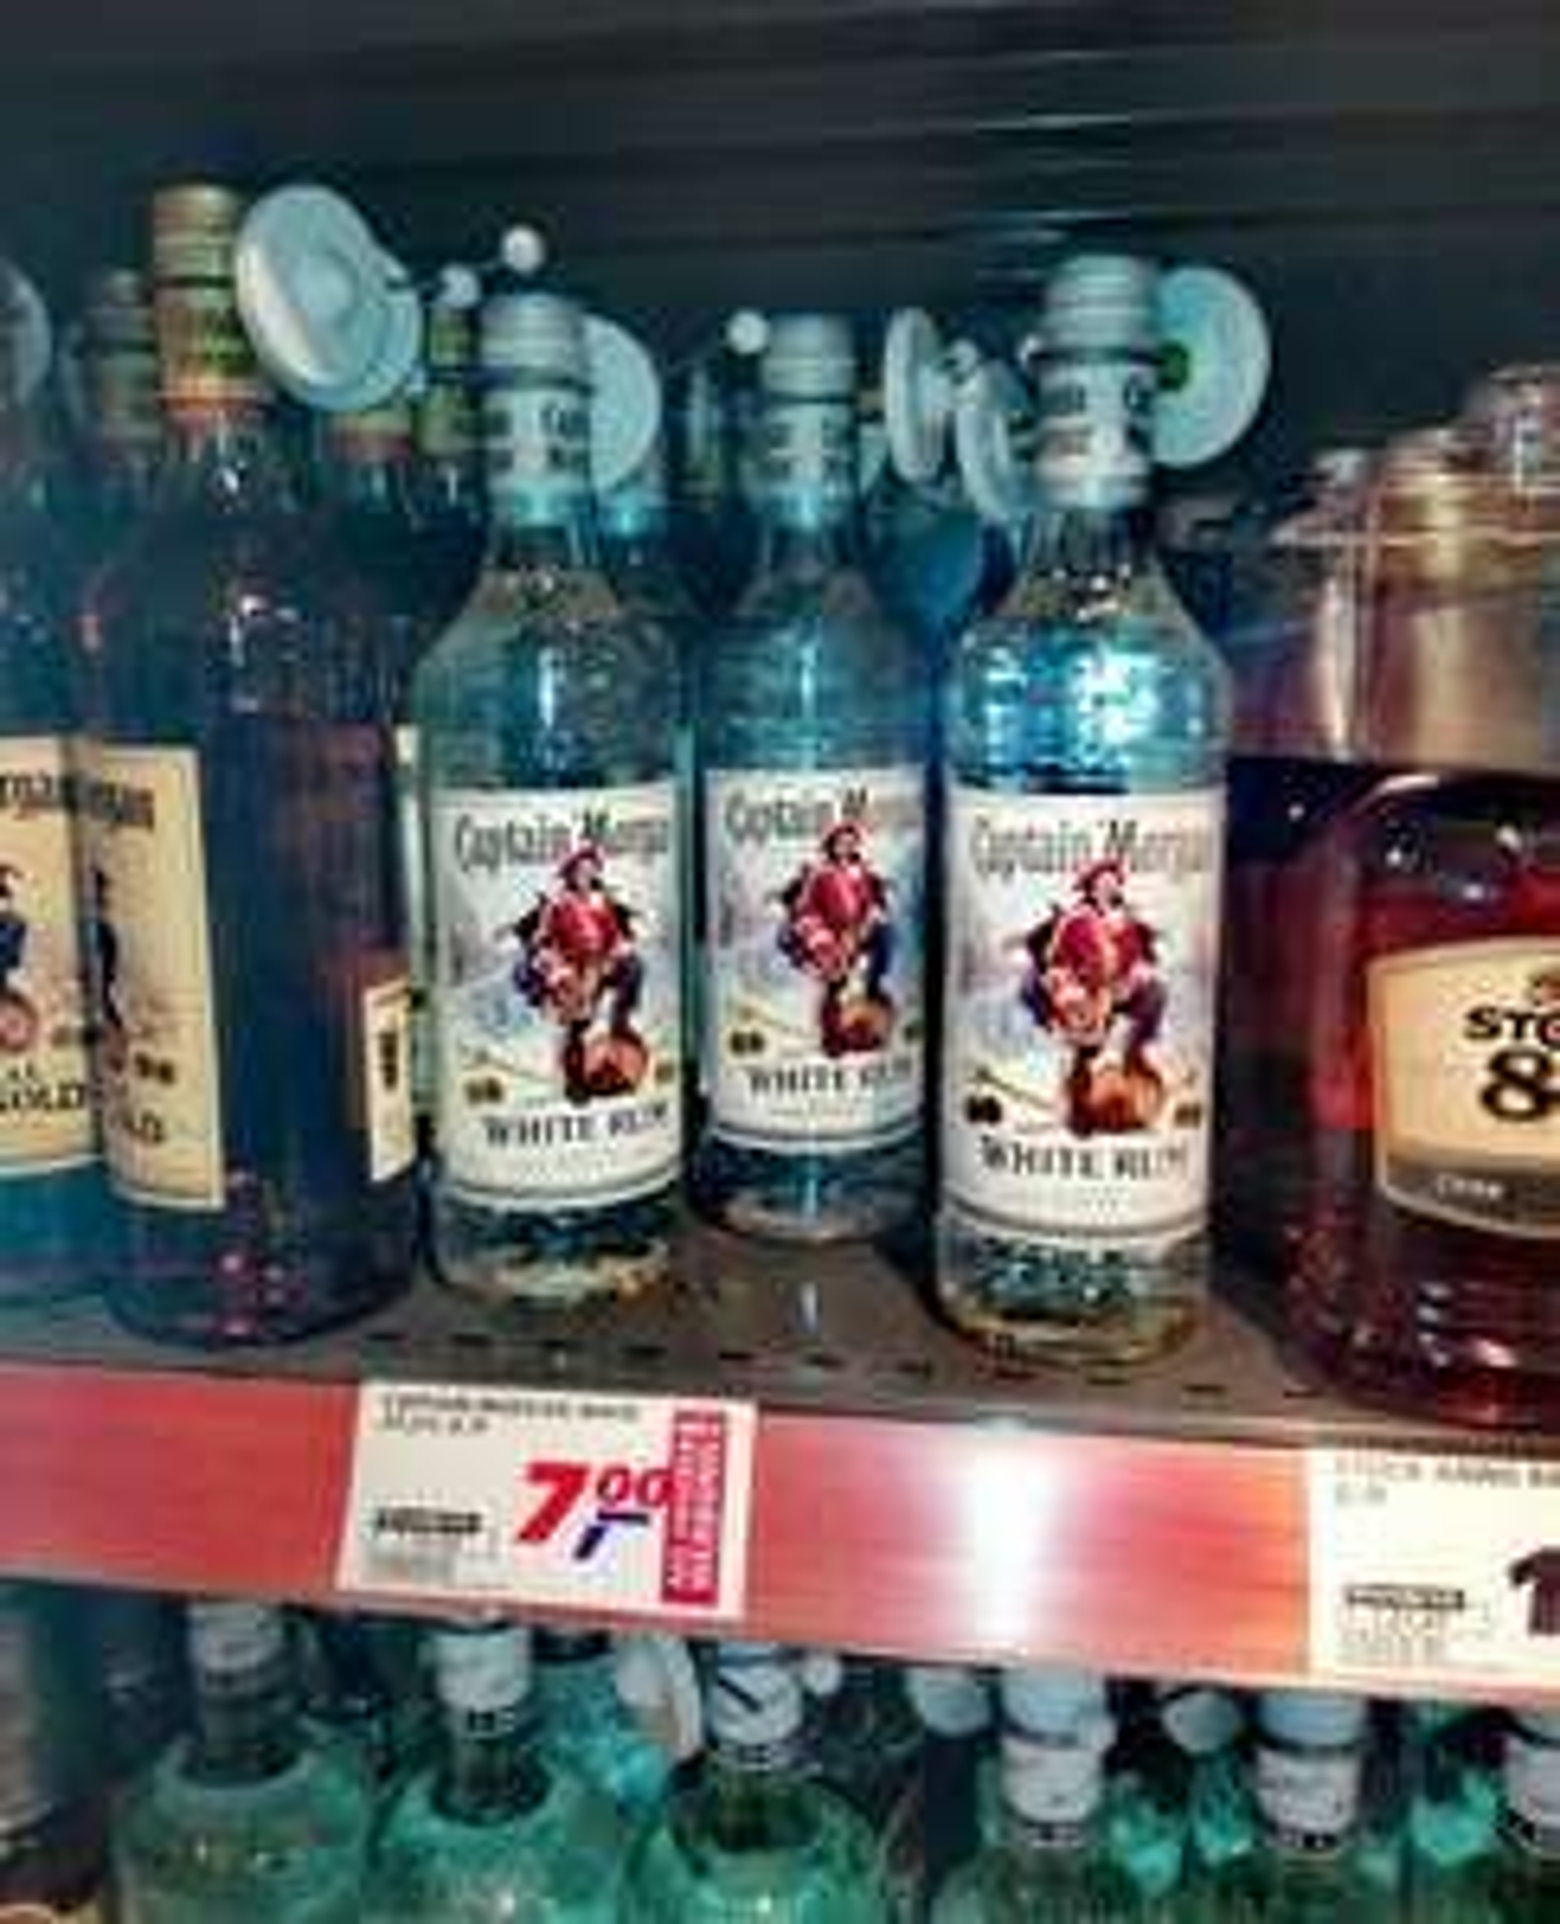 LOKAL REAL Berlin Spandau Captain Morgan White Rum 0,7l 37,5%